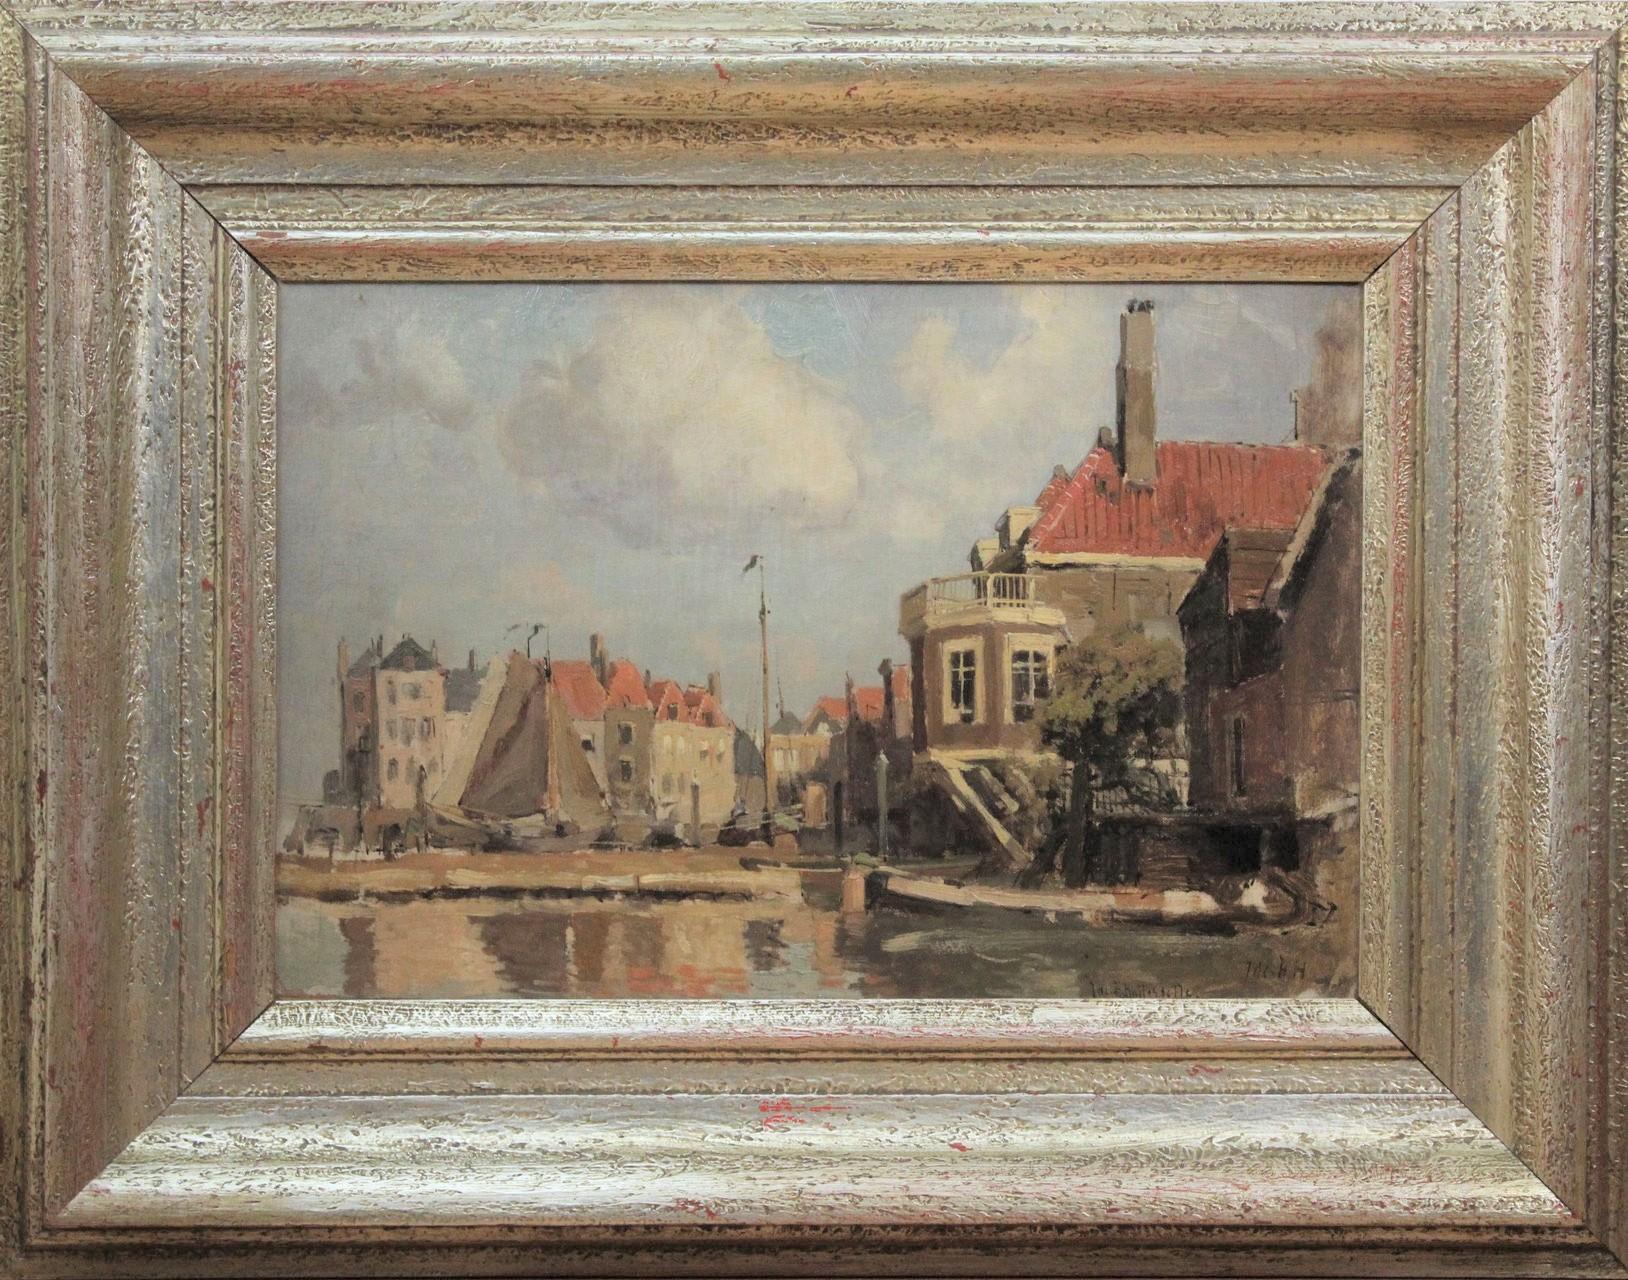 te_koop_aangeboden_een_schilderij_van_de_nederlandse_kunstschilder_jacob_huybrecht_hollestelle_1858-1920